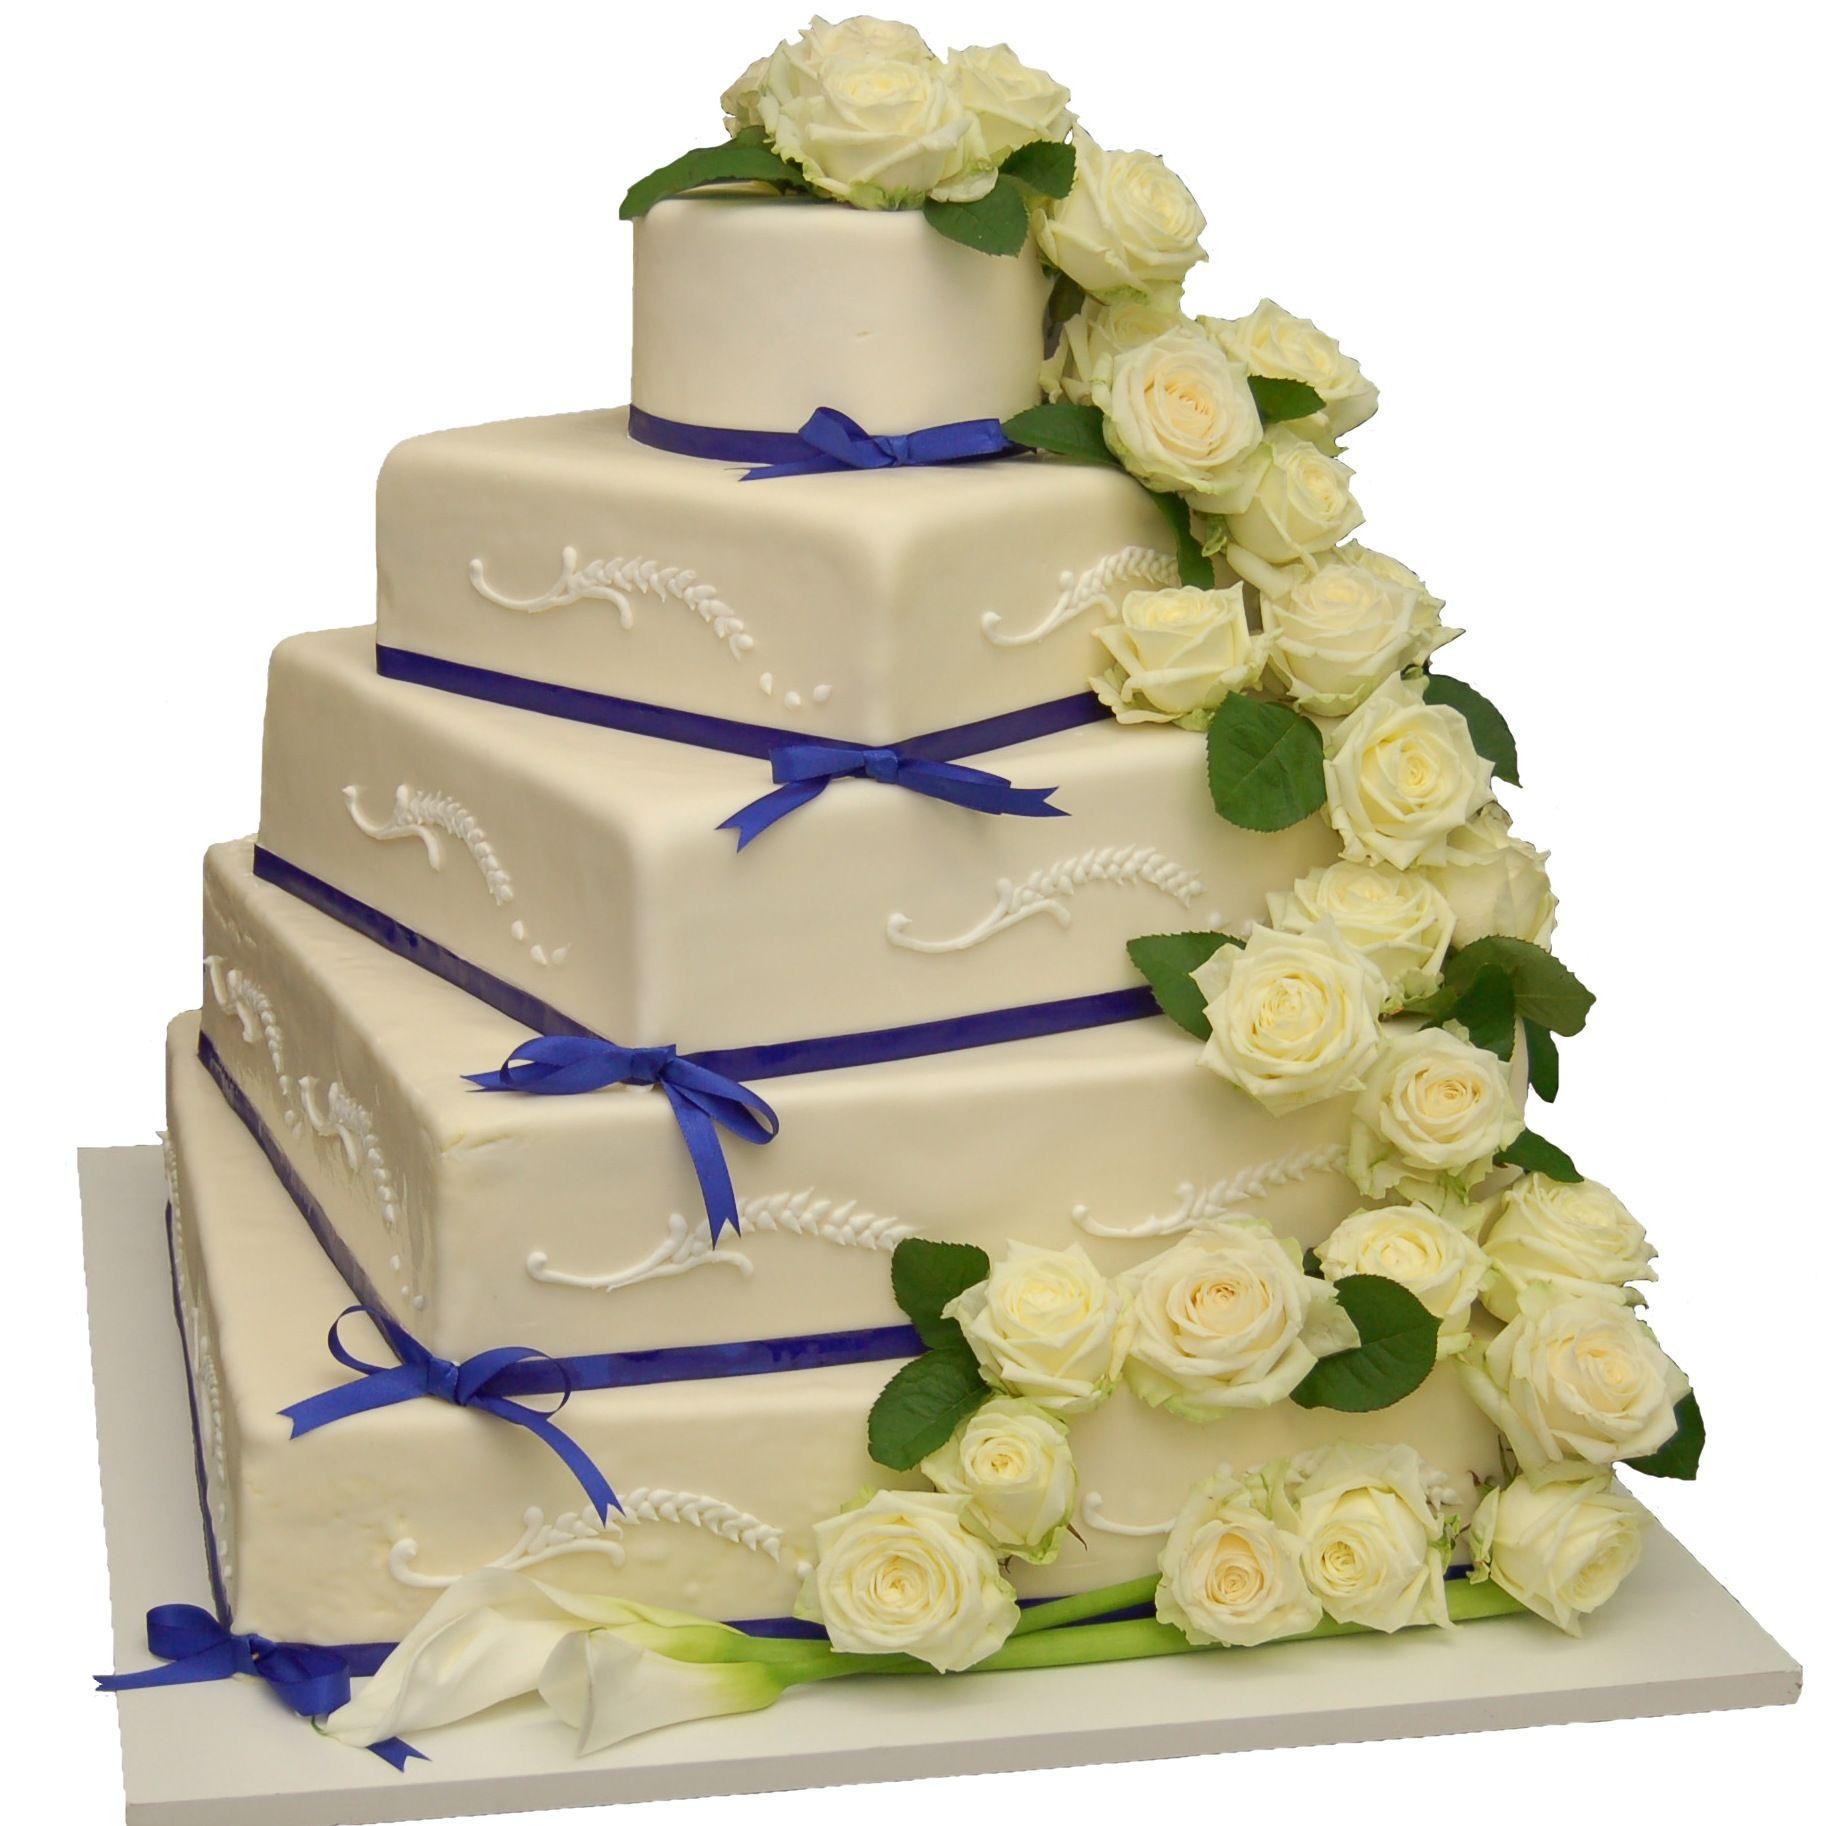 5 st ckige hochzeitstorte mit wei en rosen dekoriert hochzeitstorten pinterest - Hochzeitstorte dekorieren ...